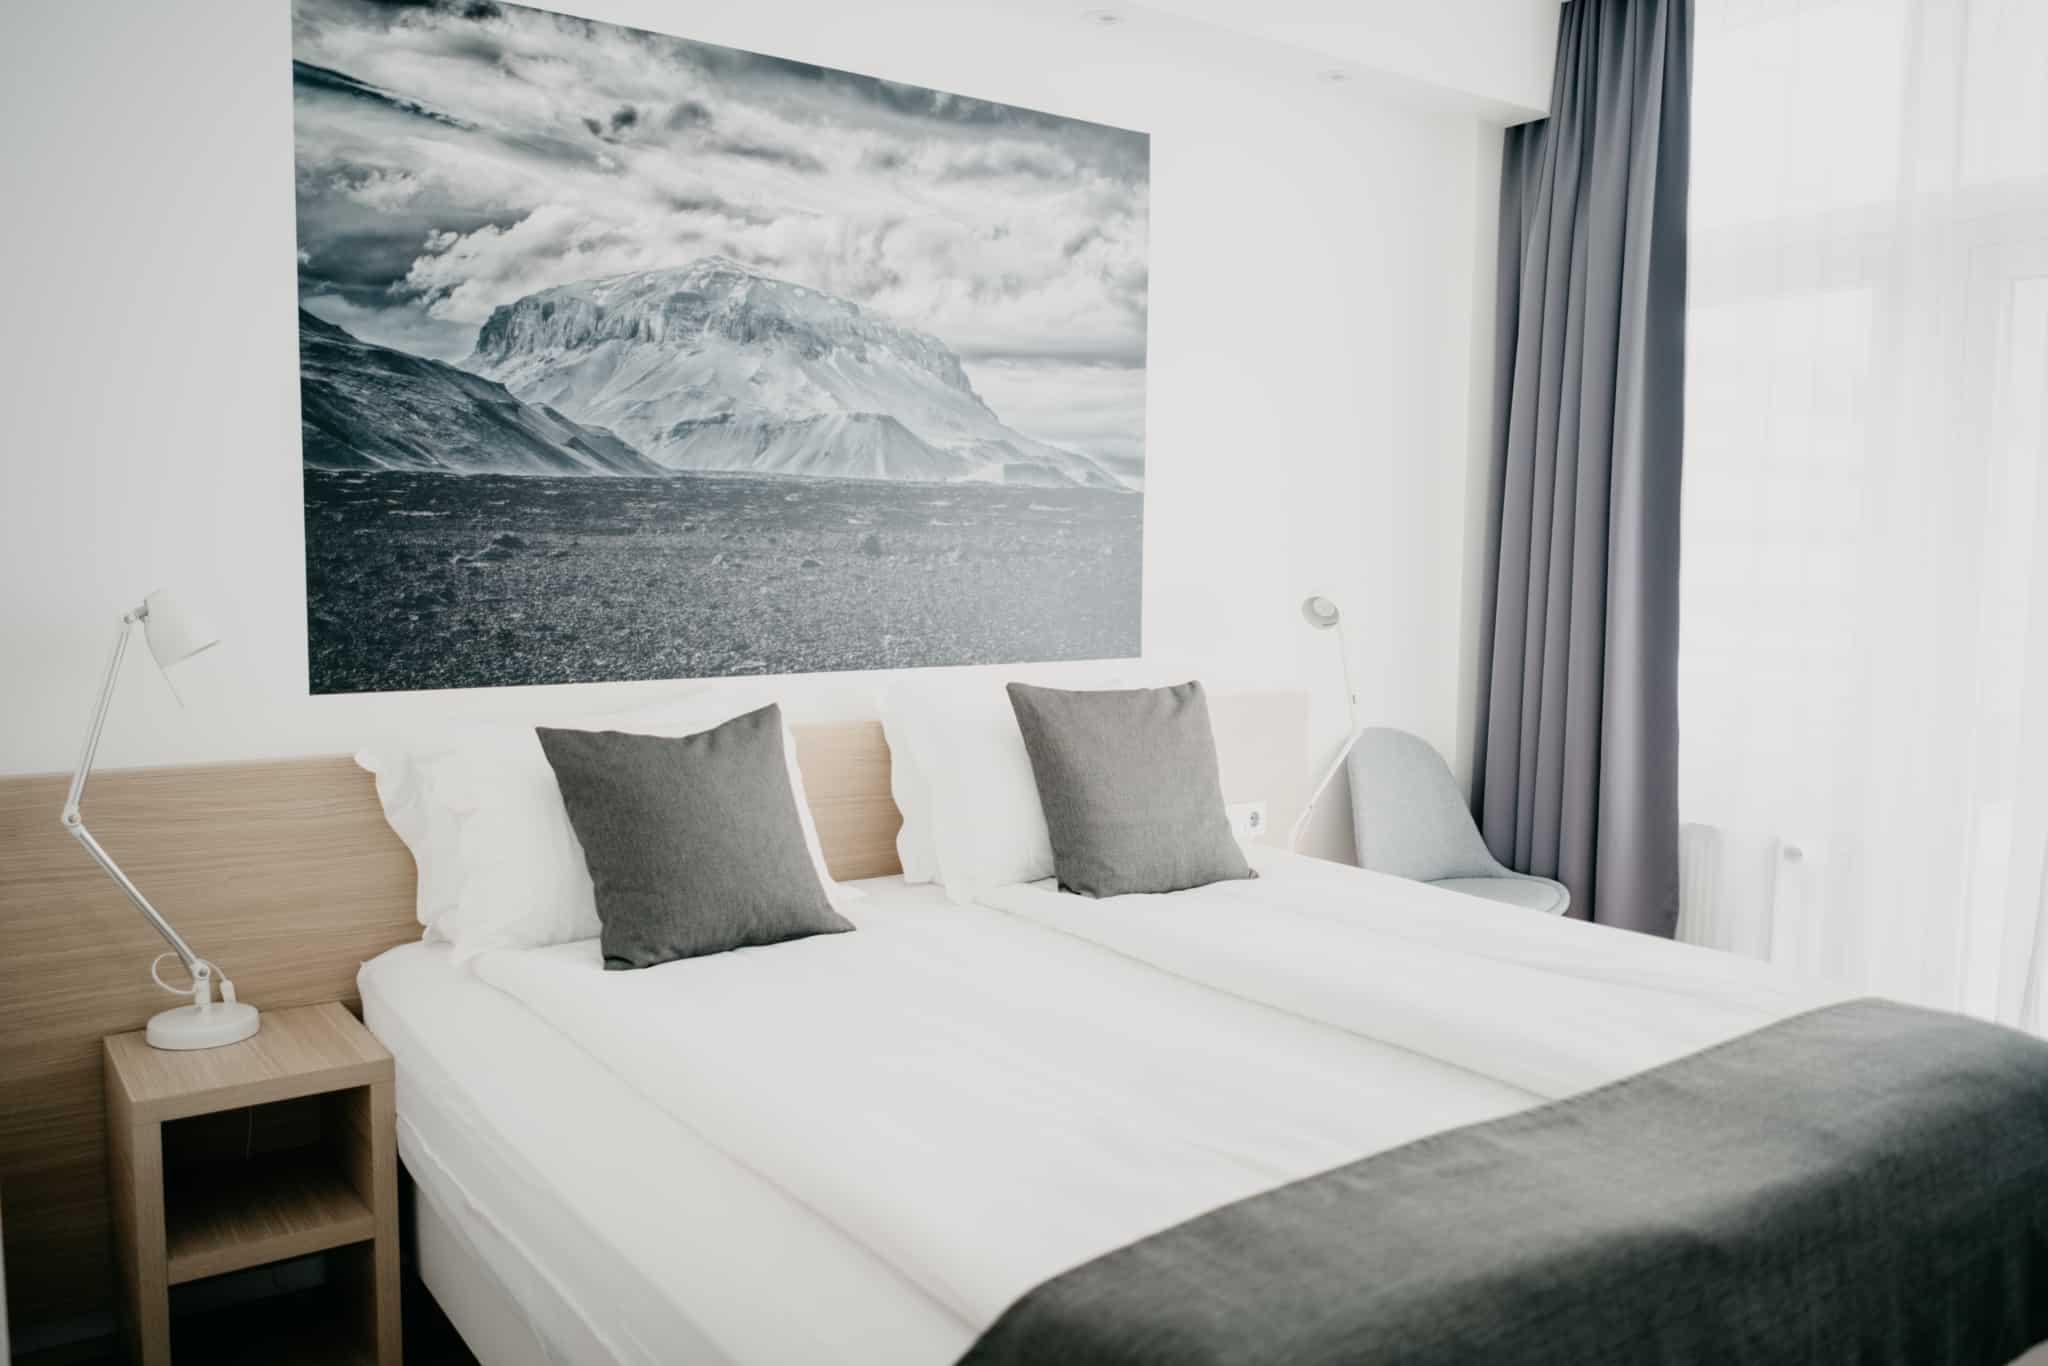 quarto de hotel com duas camas um quadro com um iceberg na parede